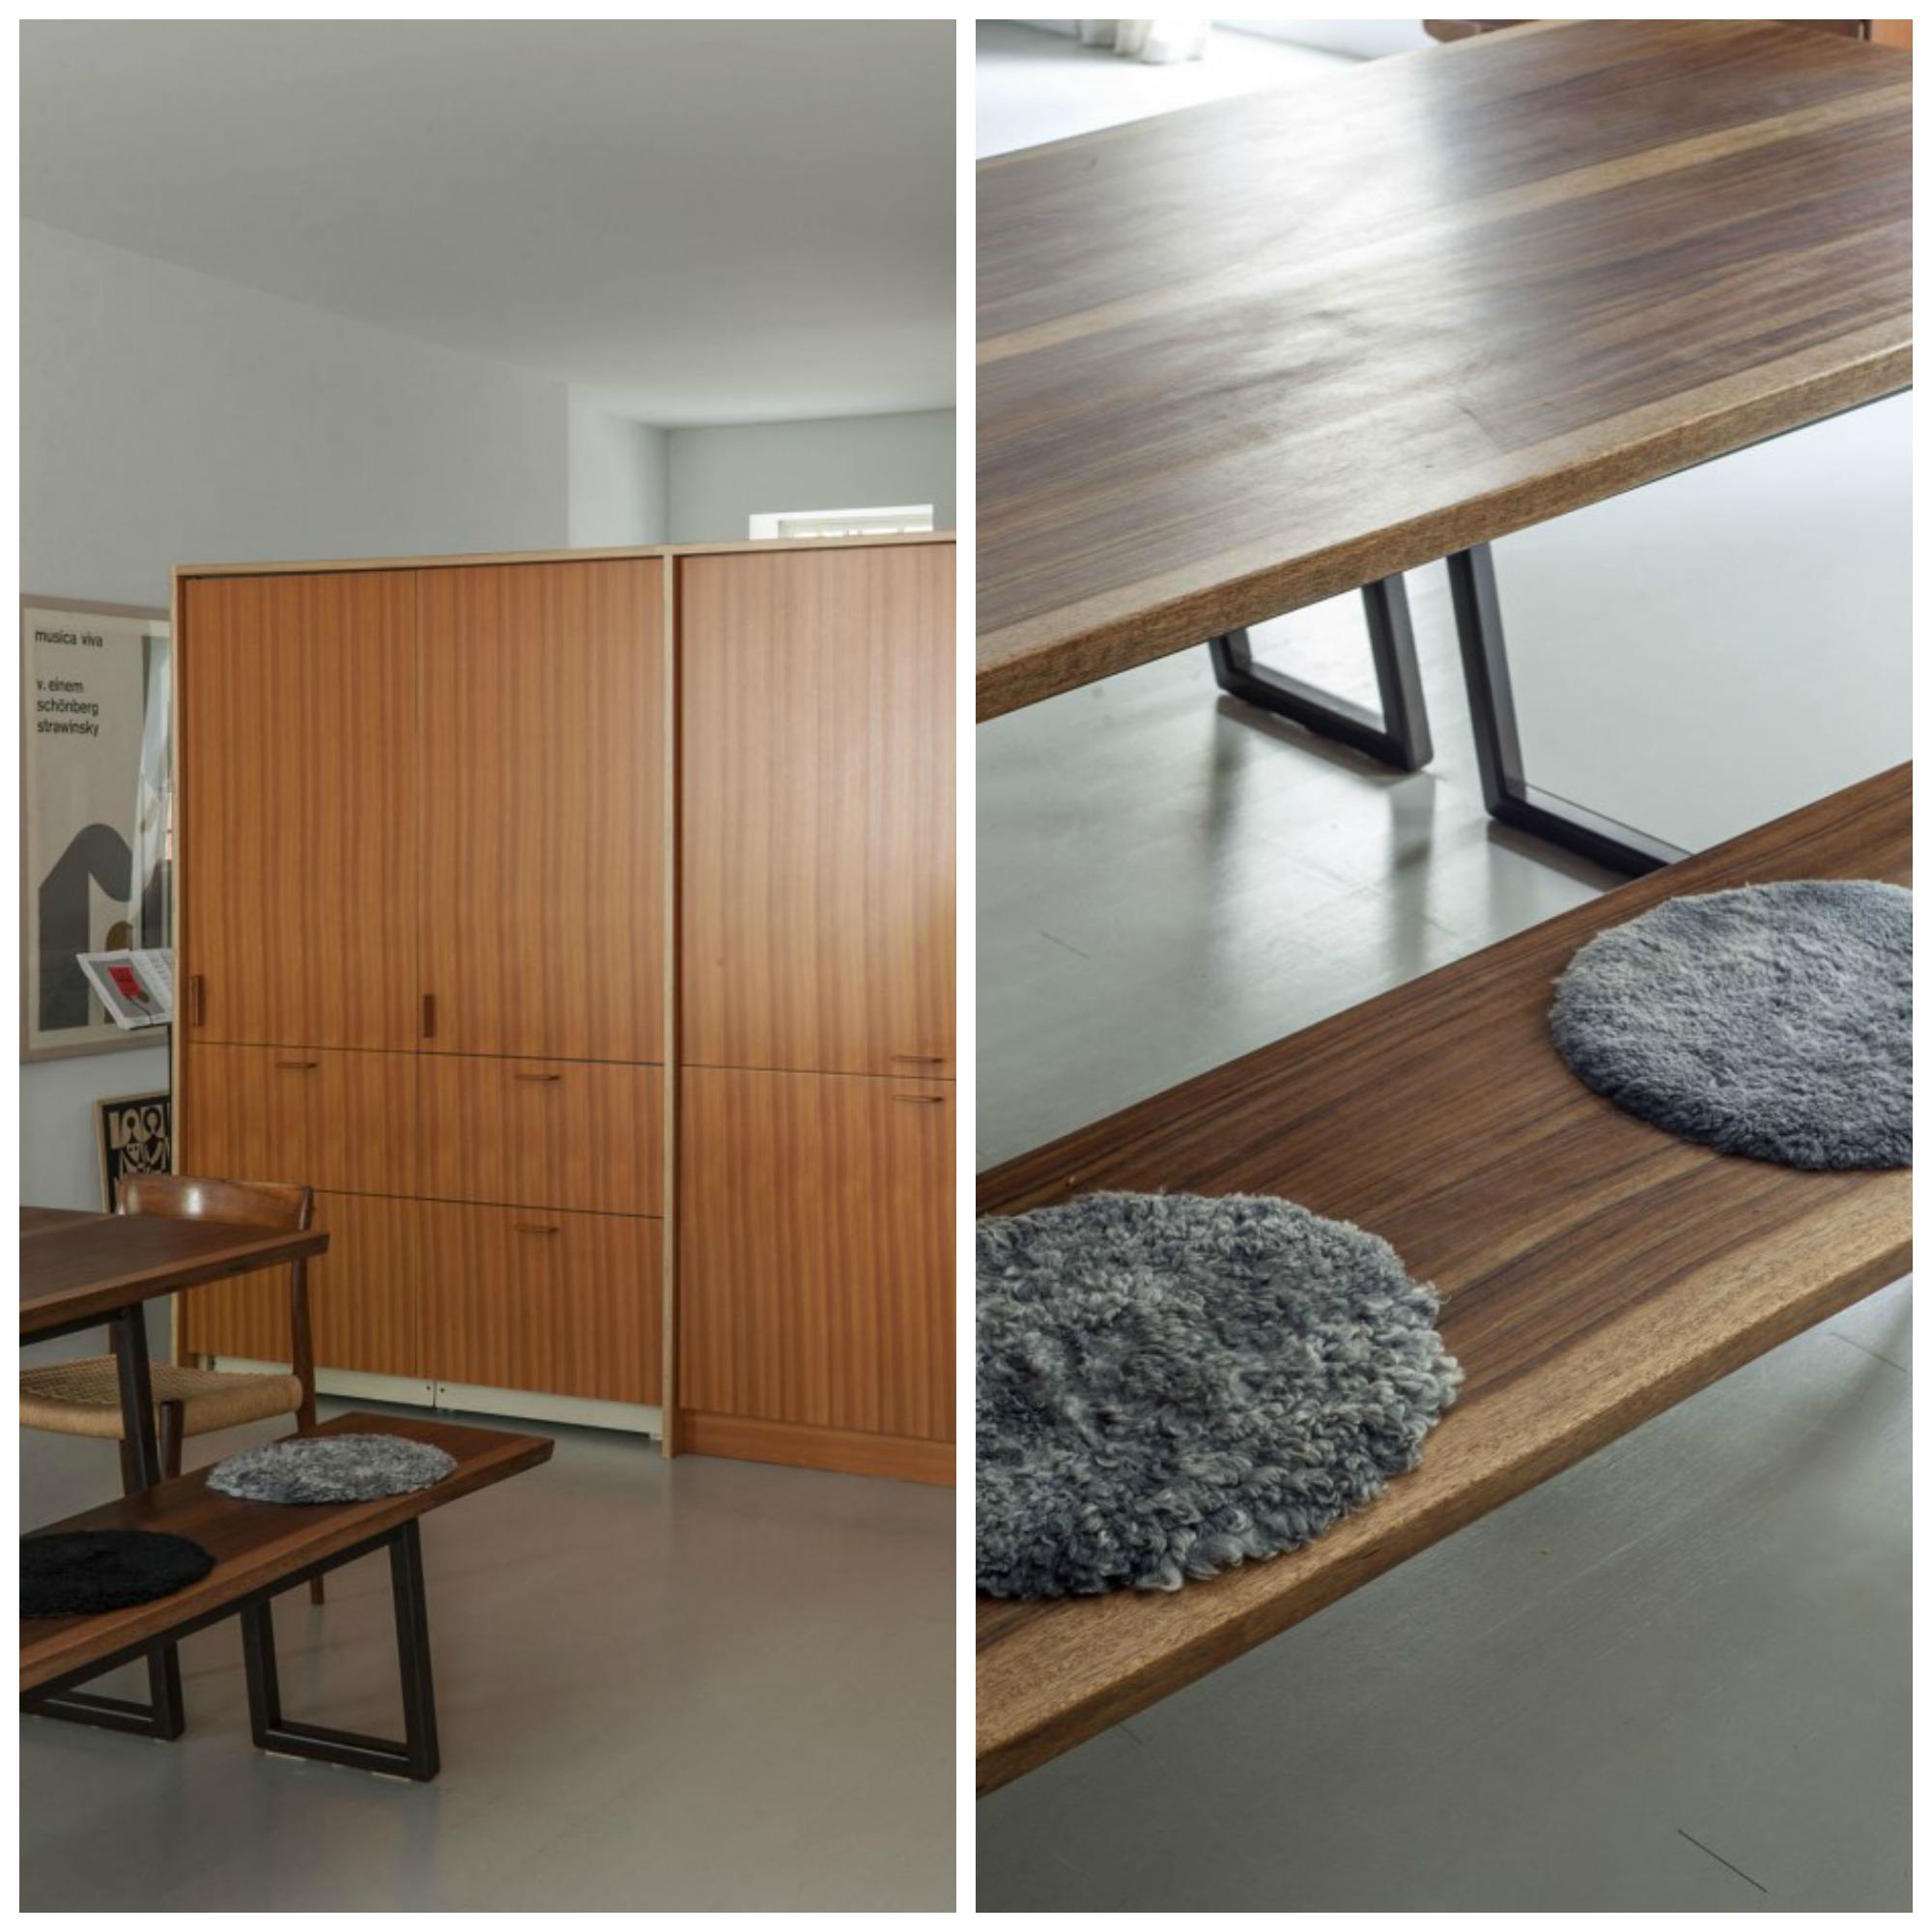 Muebles n rdicos en la cocina nola for Mueble nordico salon